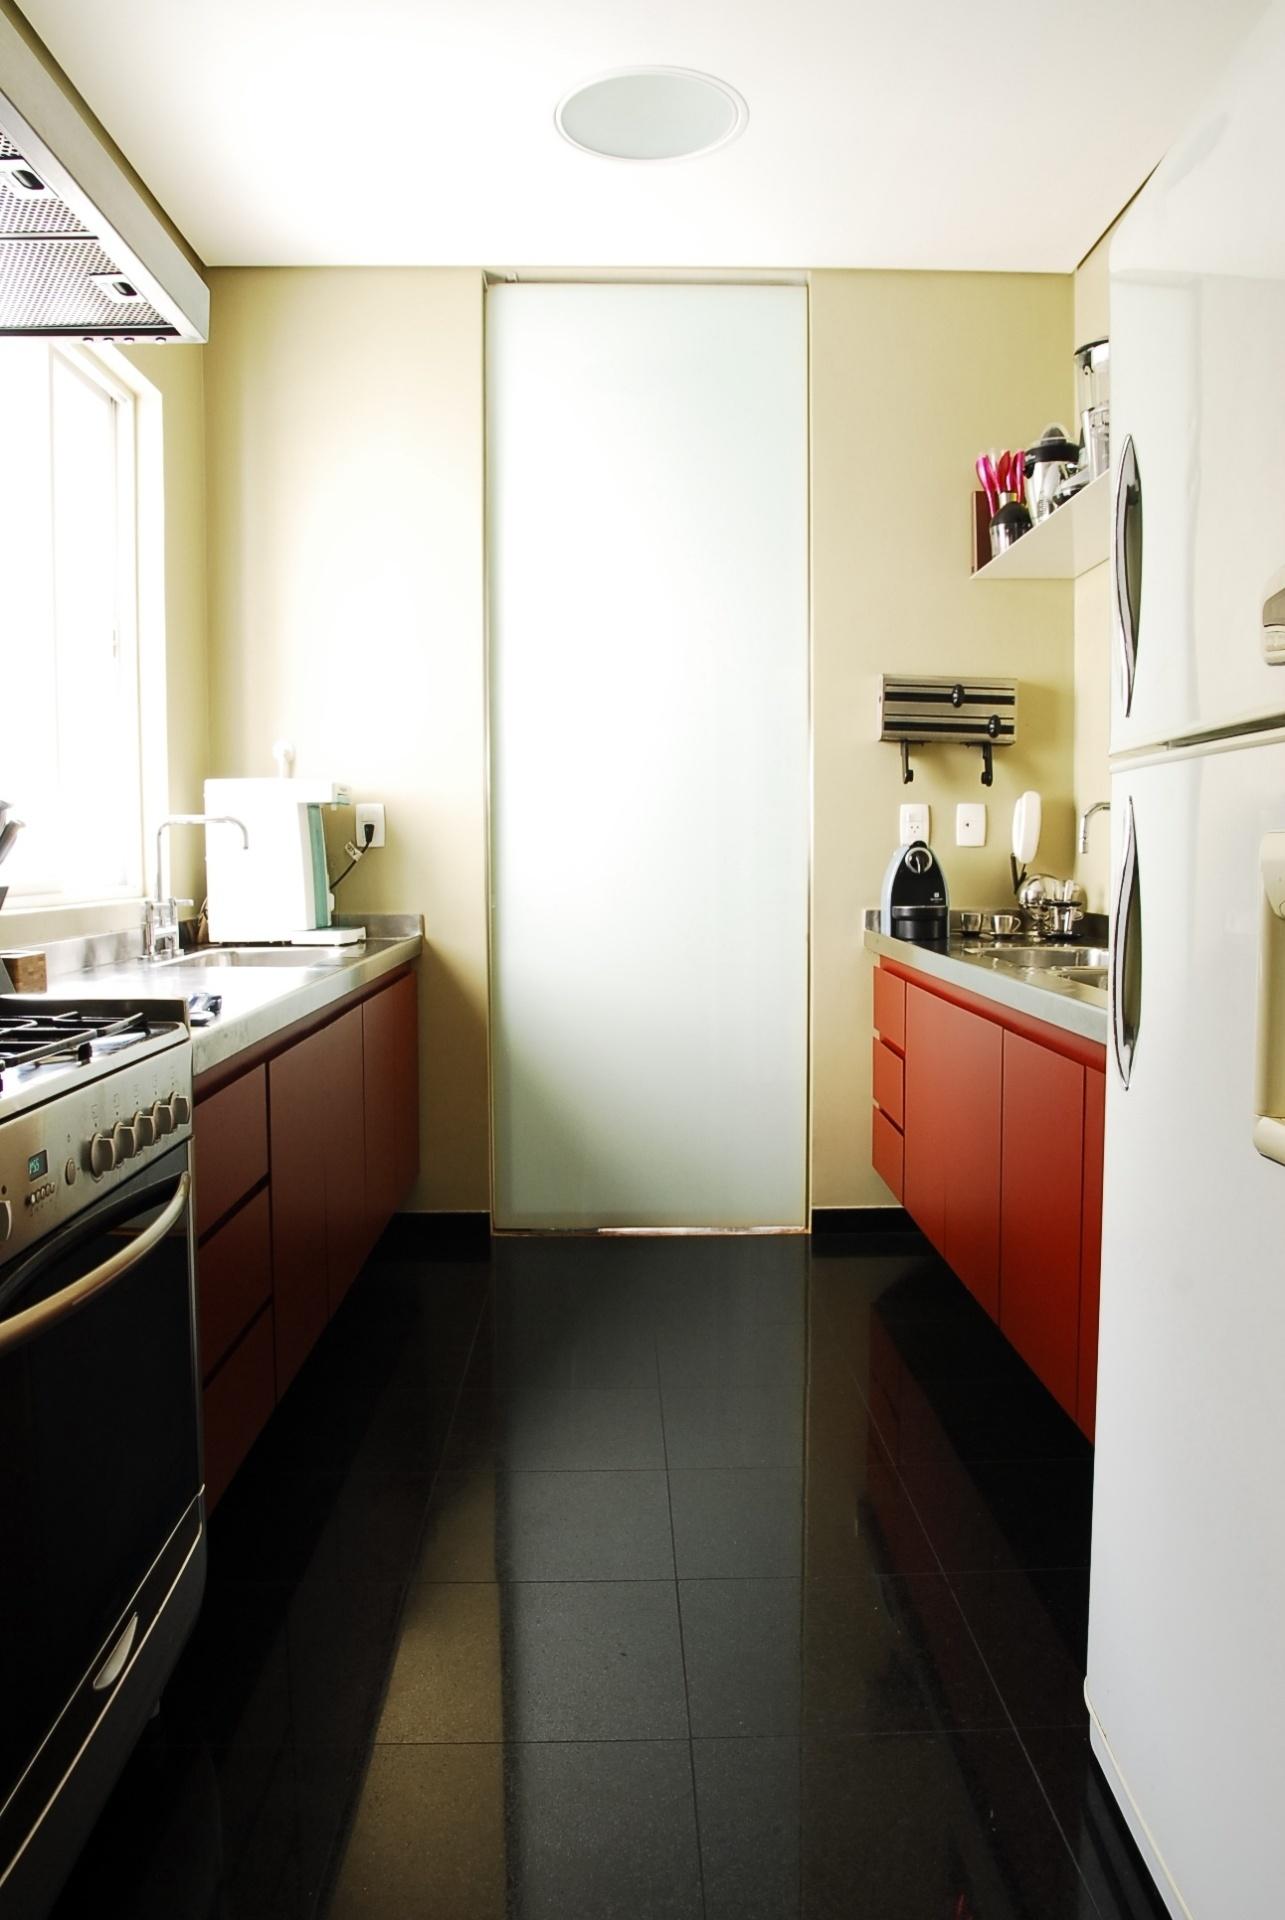 Na cozinha do apartamento do arquiteto Gustavo Calazans, os armários originais do imóvel, que já eram pintados, foram repintados. À frente, a geladeira que herdou da família. Calazans assina o projeto de reforma e decoração de sua residência no bairro de Higienópolis em São Paulo (SP)